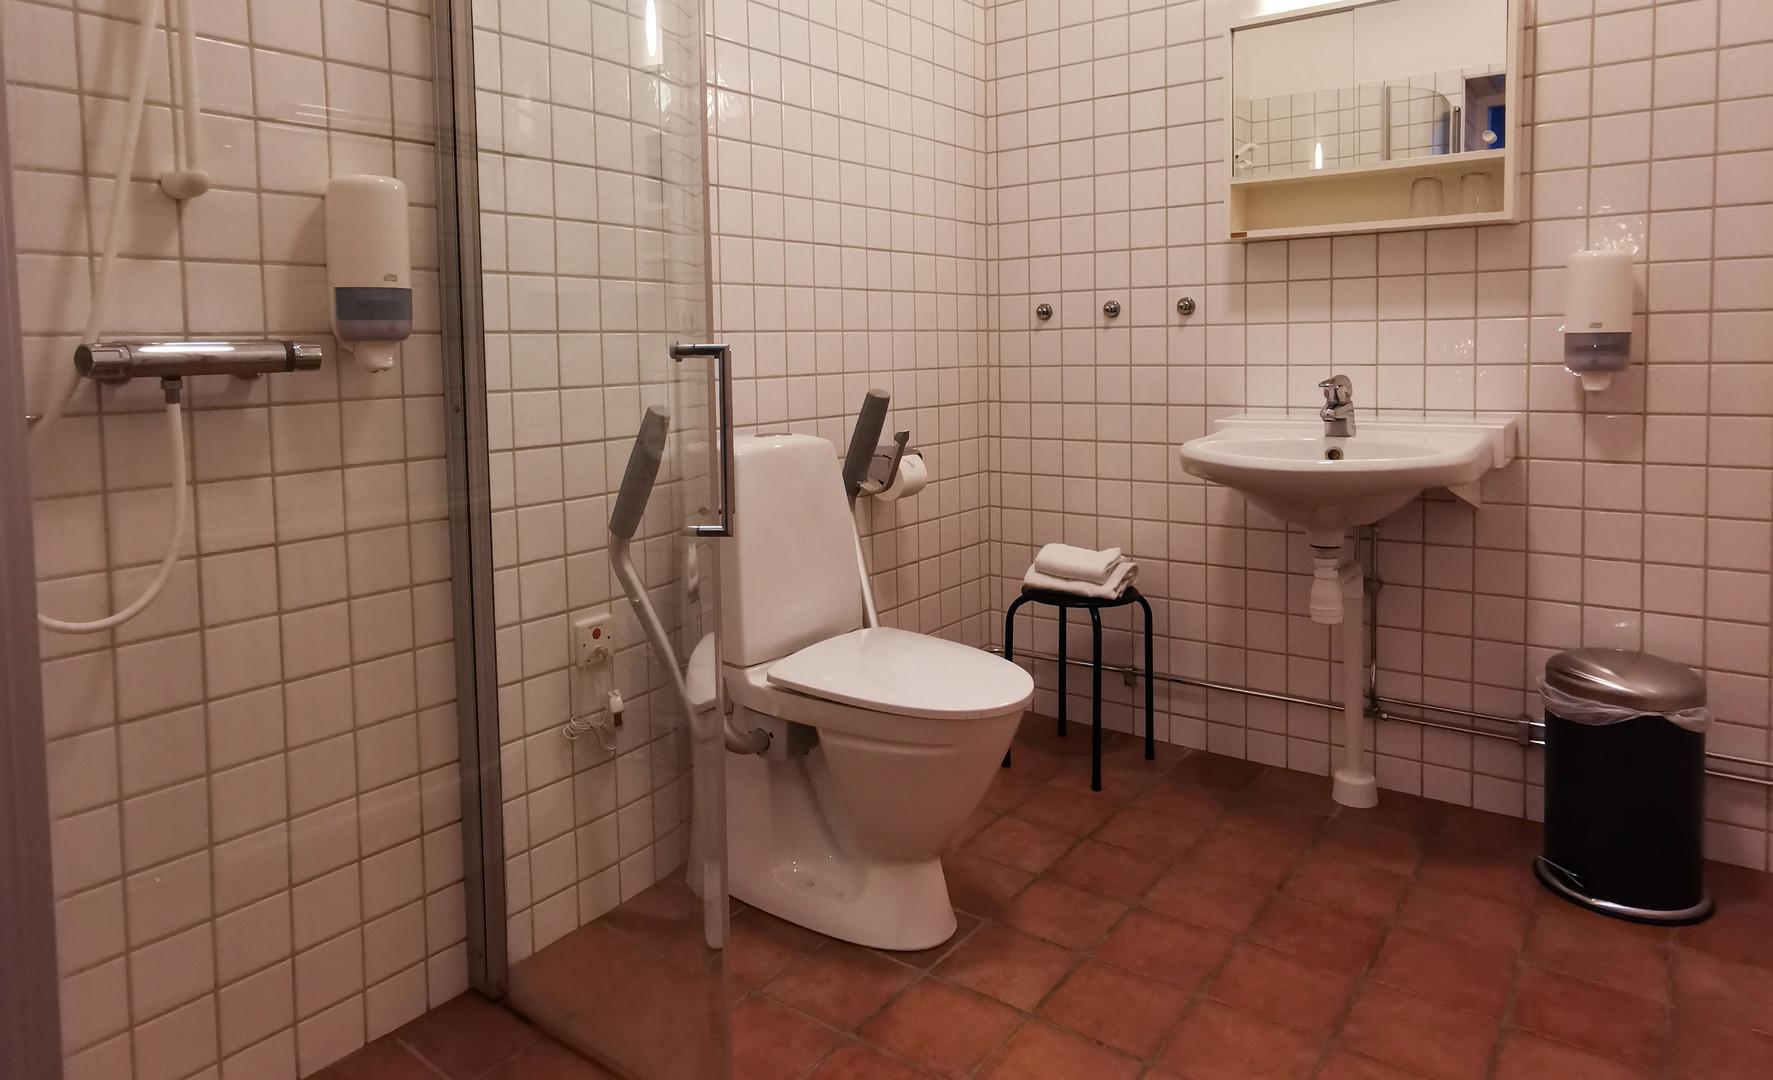 Hotellrum 140cm säng, dusch och toalett